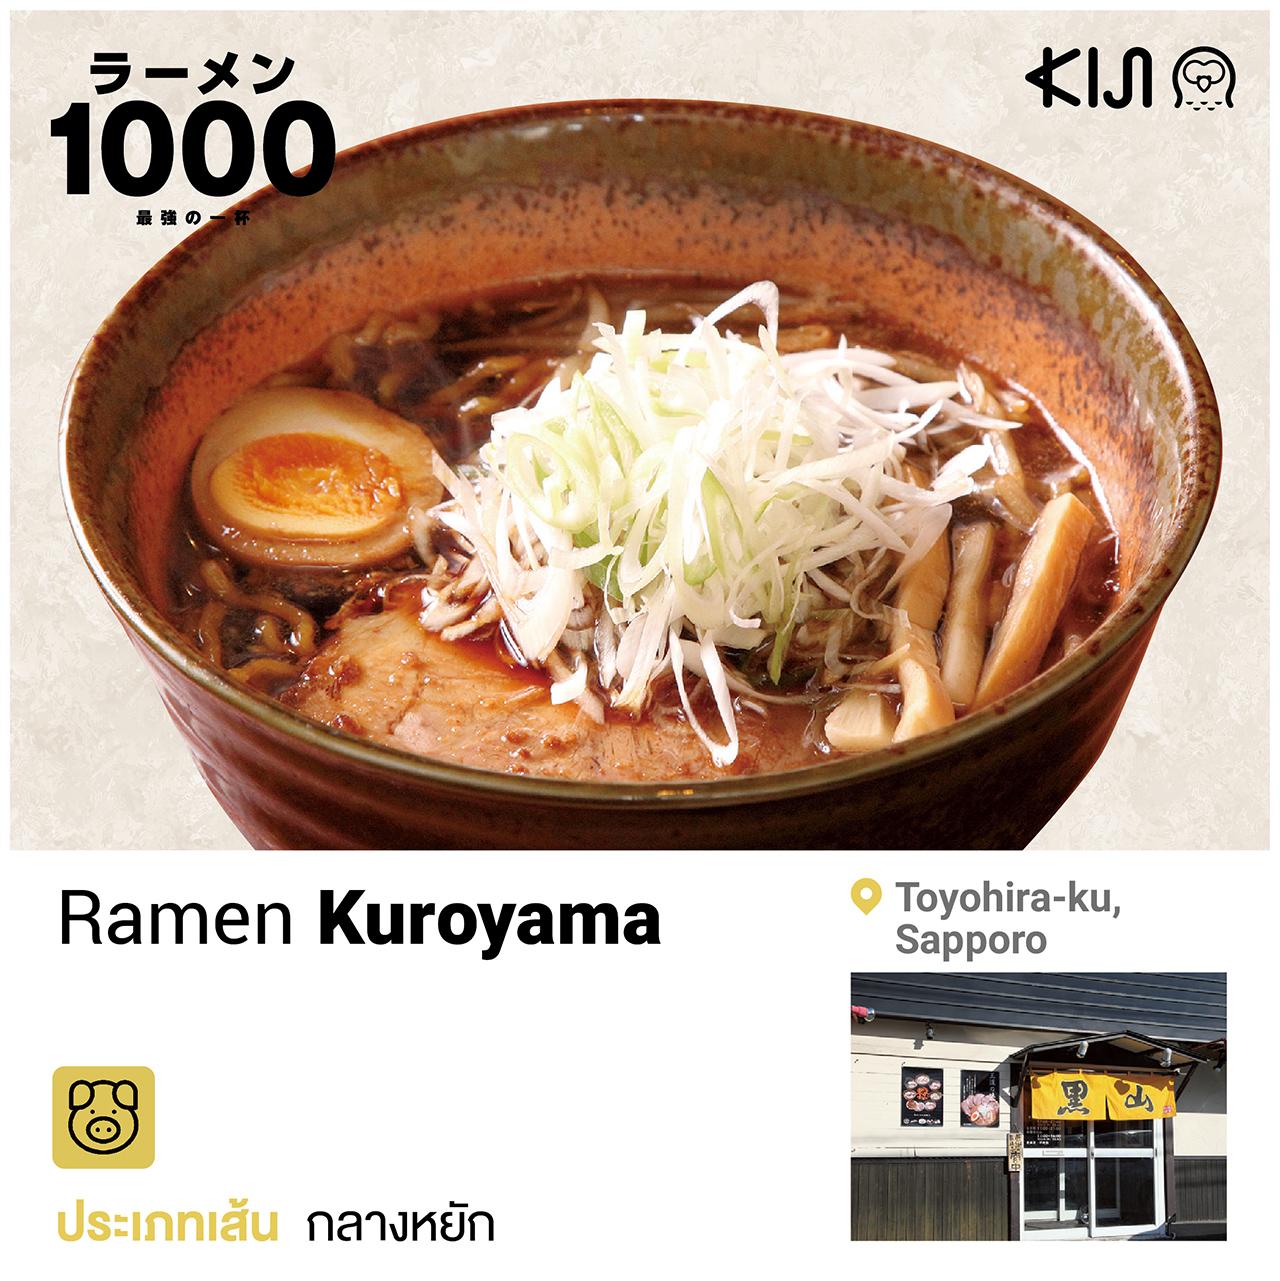 ร้านราเมนในฮอกไกโด - Ramen Kuroyama